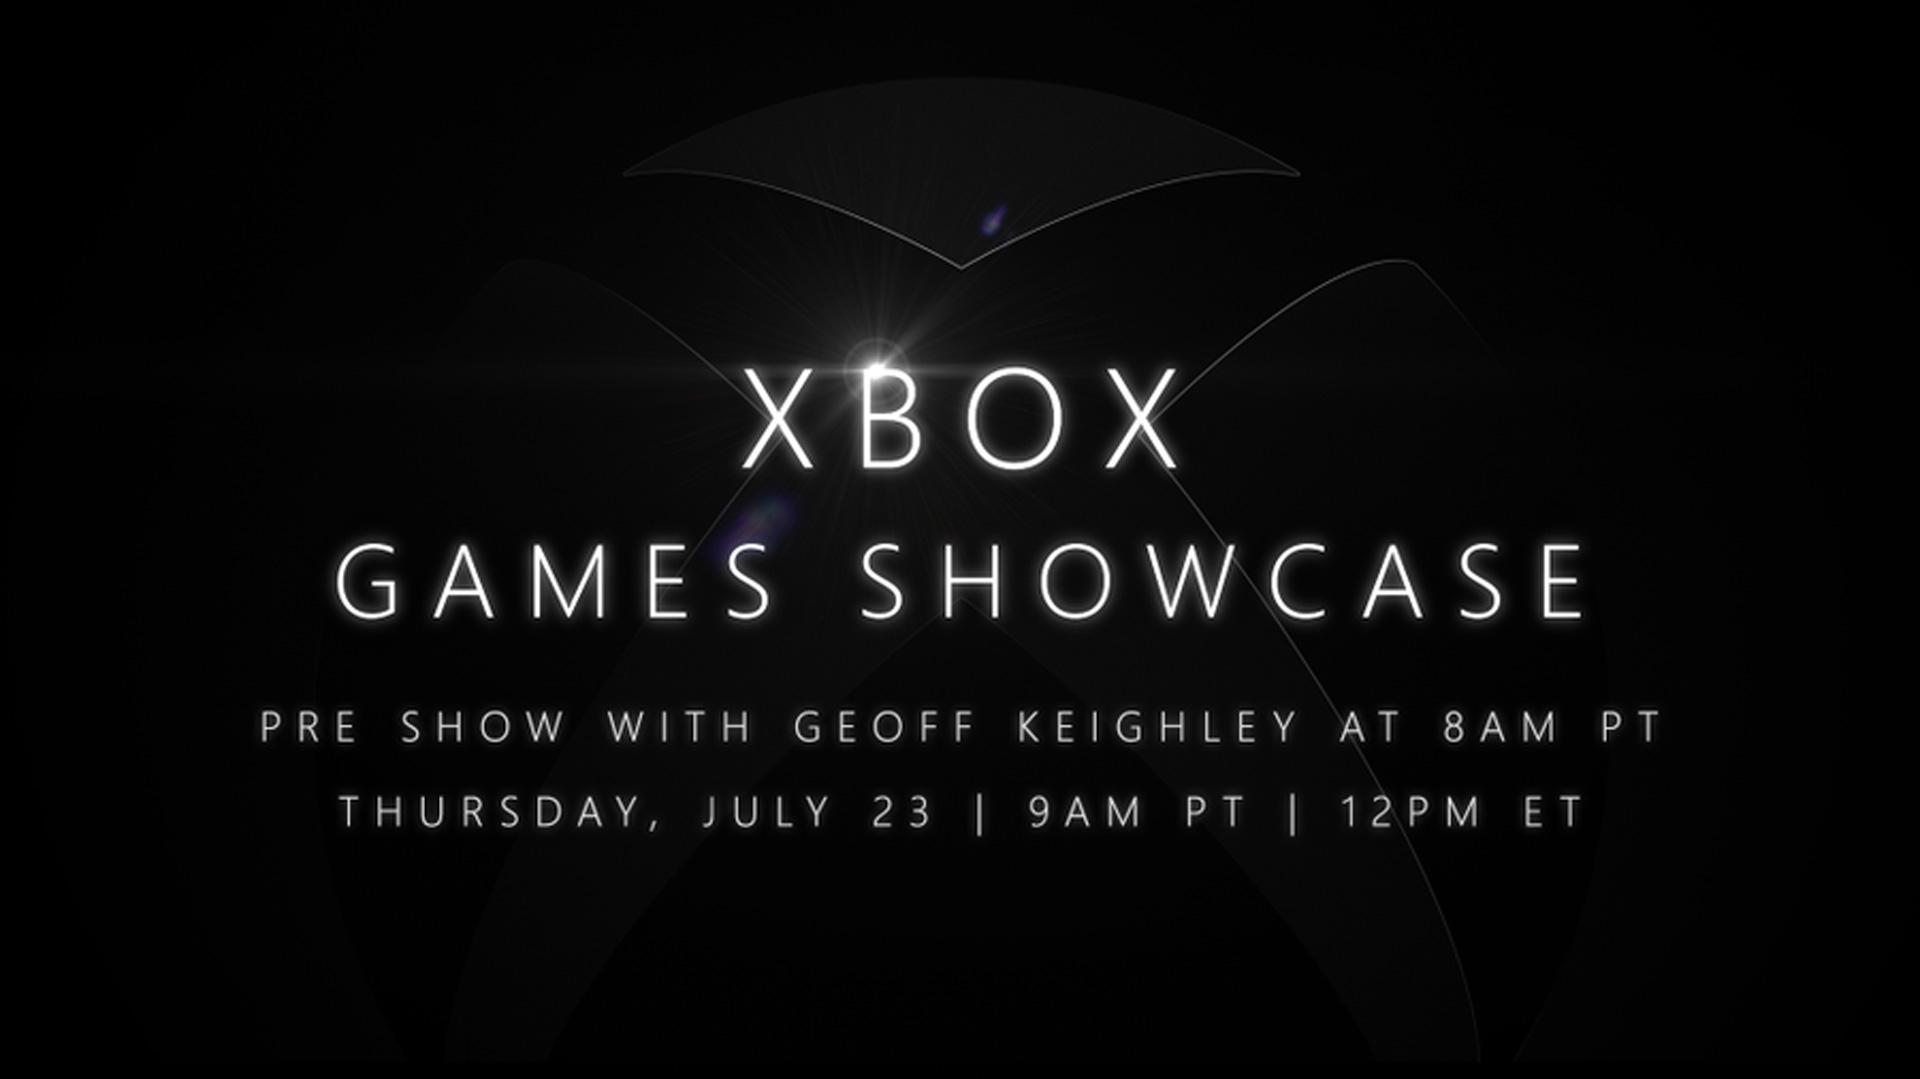 Aquí pueden ver el Showcase de Xbox